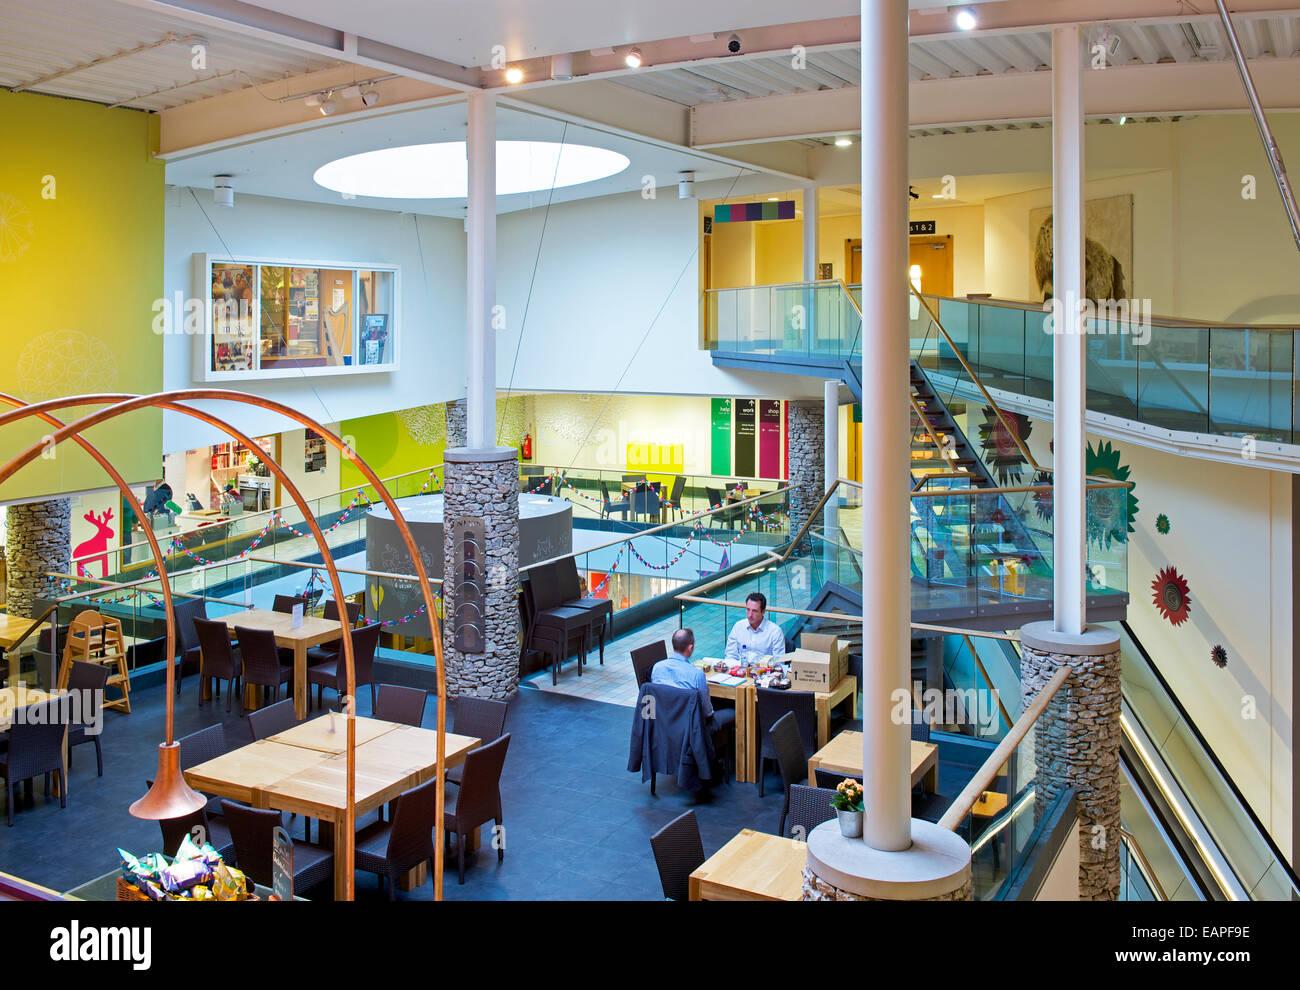 Cafe am bei Herrschern, Lake District Attraktion in der Nähe von Penrith, Cumbria, England UK Stockbild